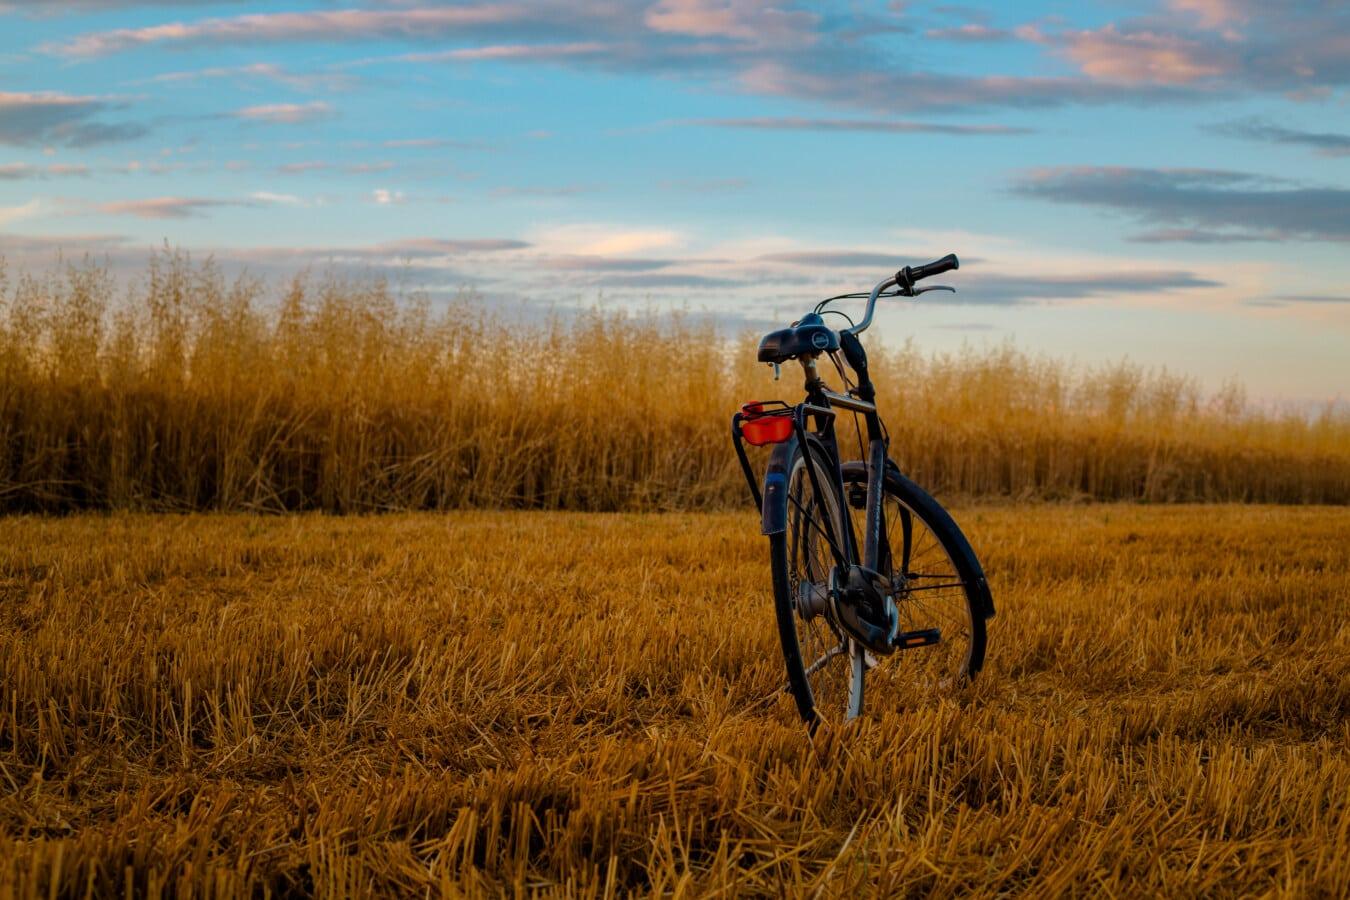 champ de blé, blé, vélo, domaine, vélo de montagne, coucher de soleil, paysage, roue, à l'extérieur, nature